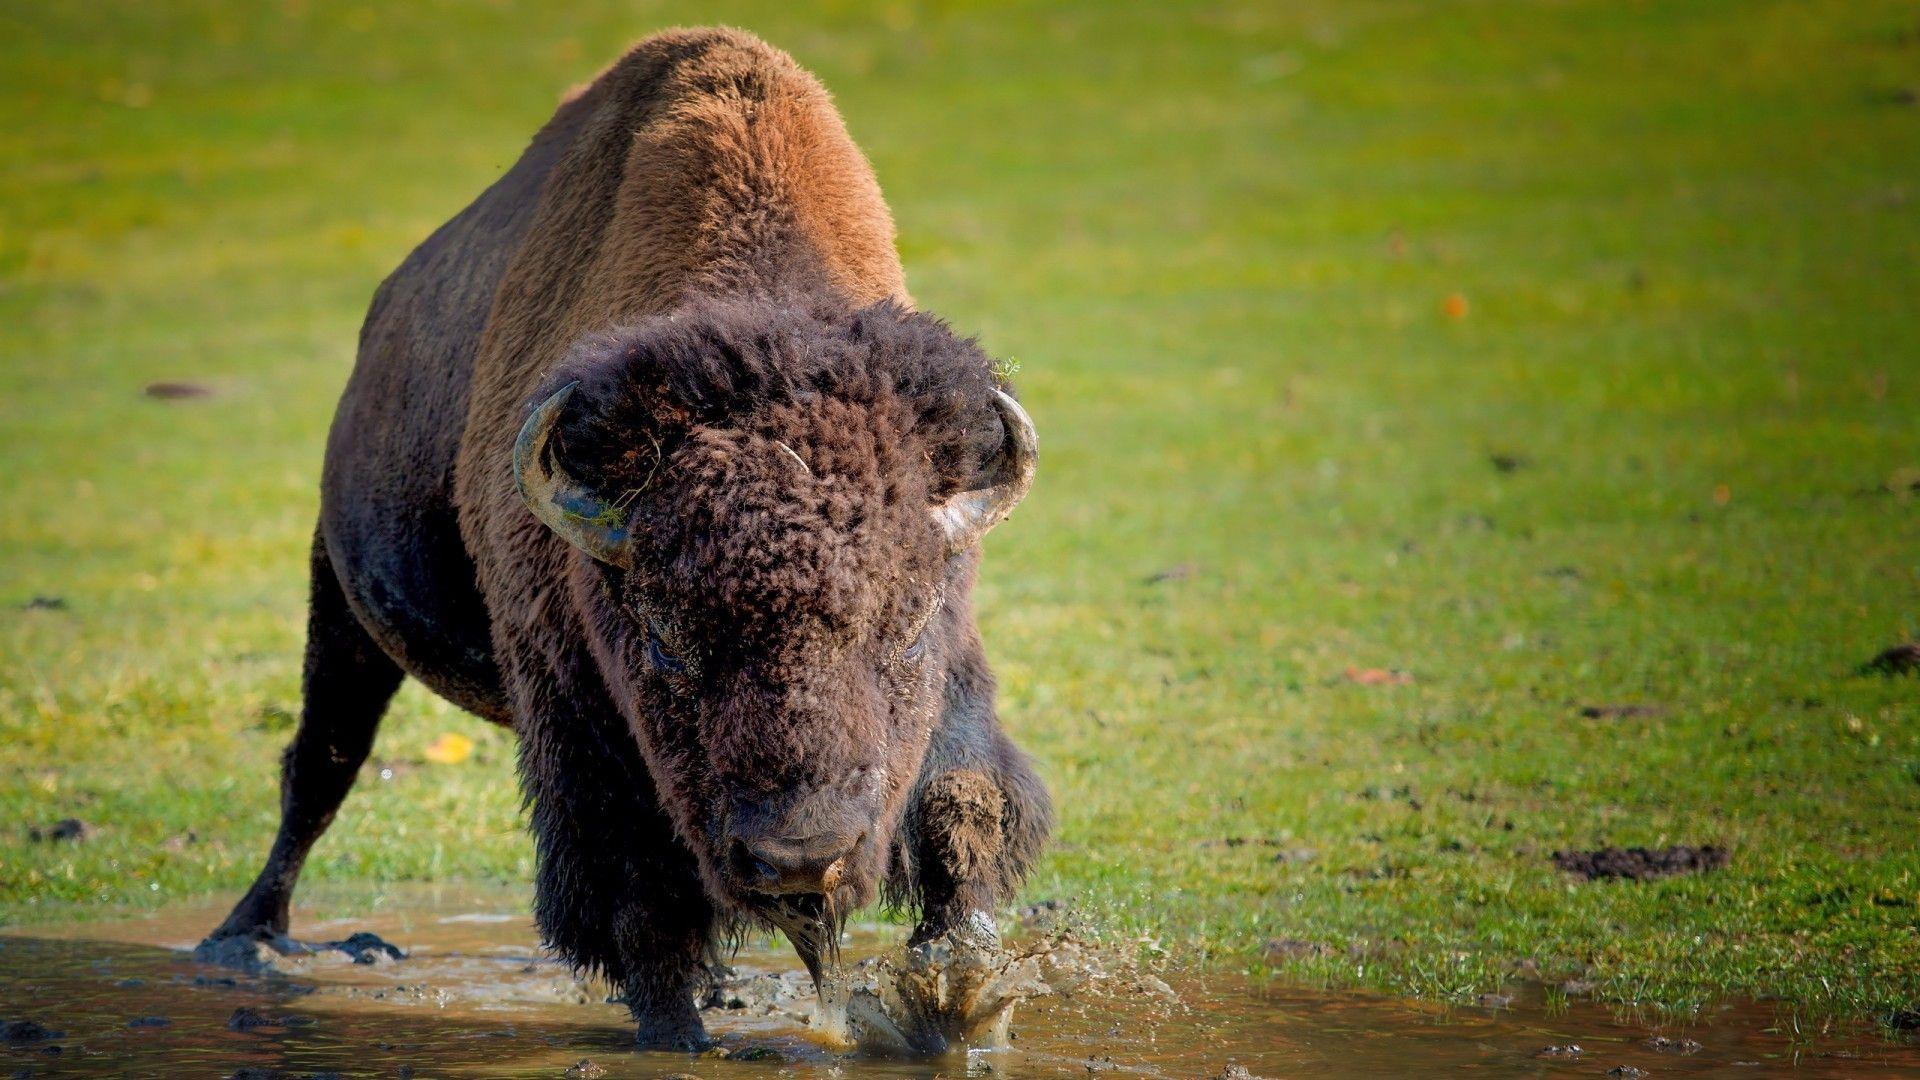 Bison And Buffalo